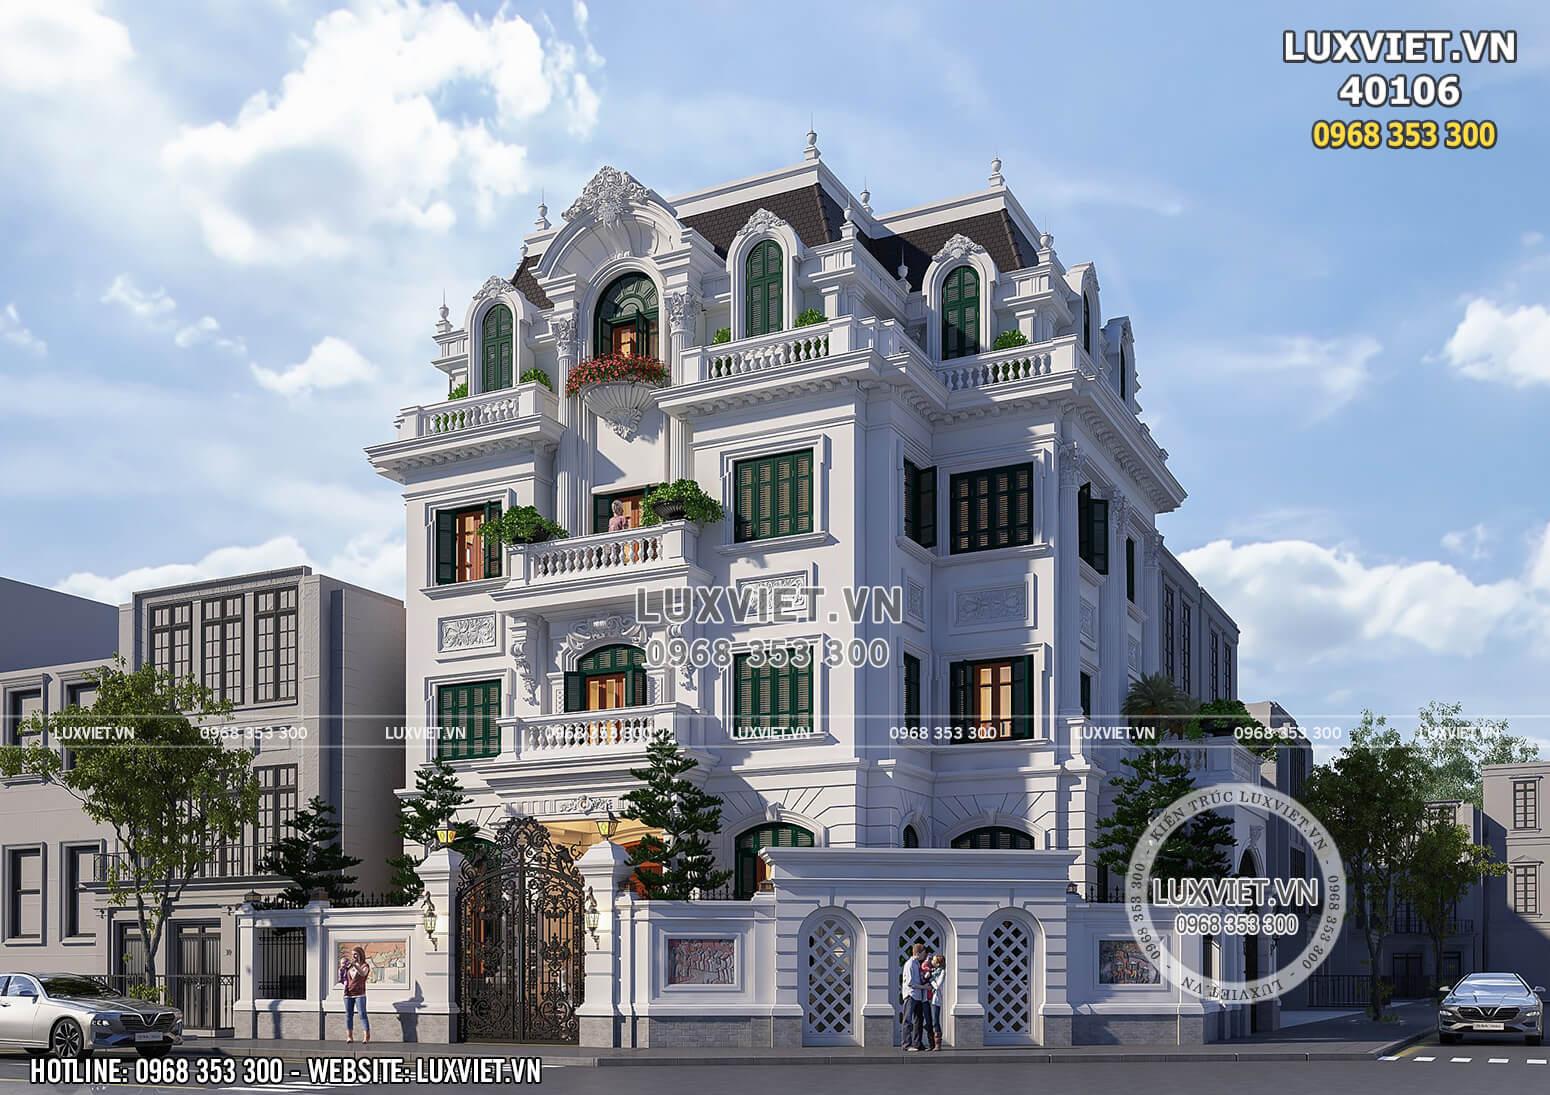 Một góc view đẹp 2 mặt tiền mẫu thiết kế dinh thự đồ sộ, xa hoa bậc nhất tại Hà Nội